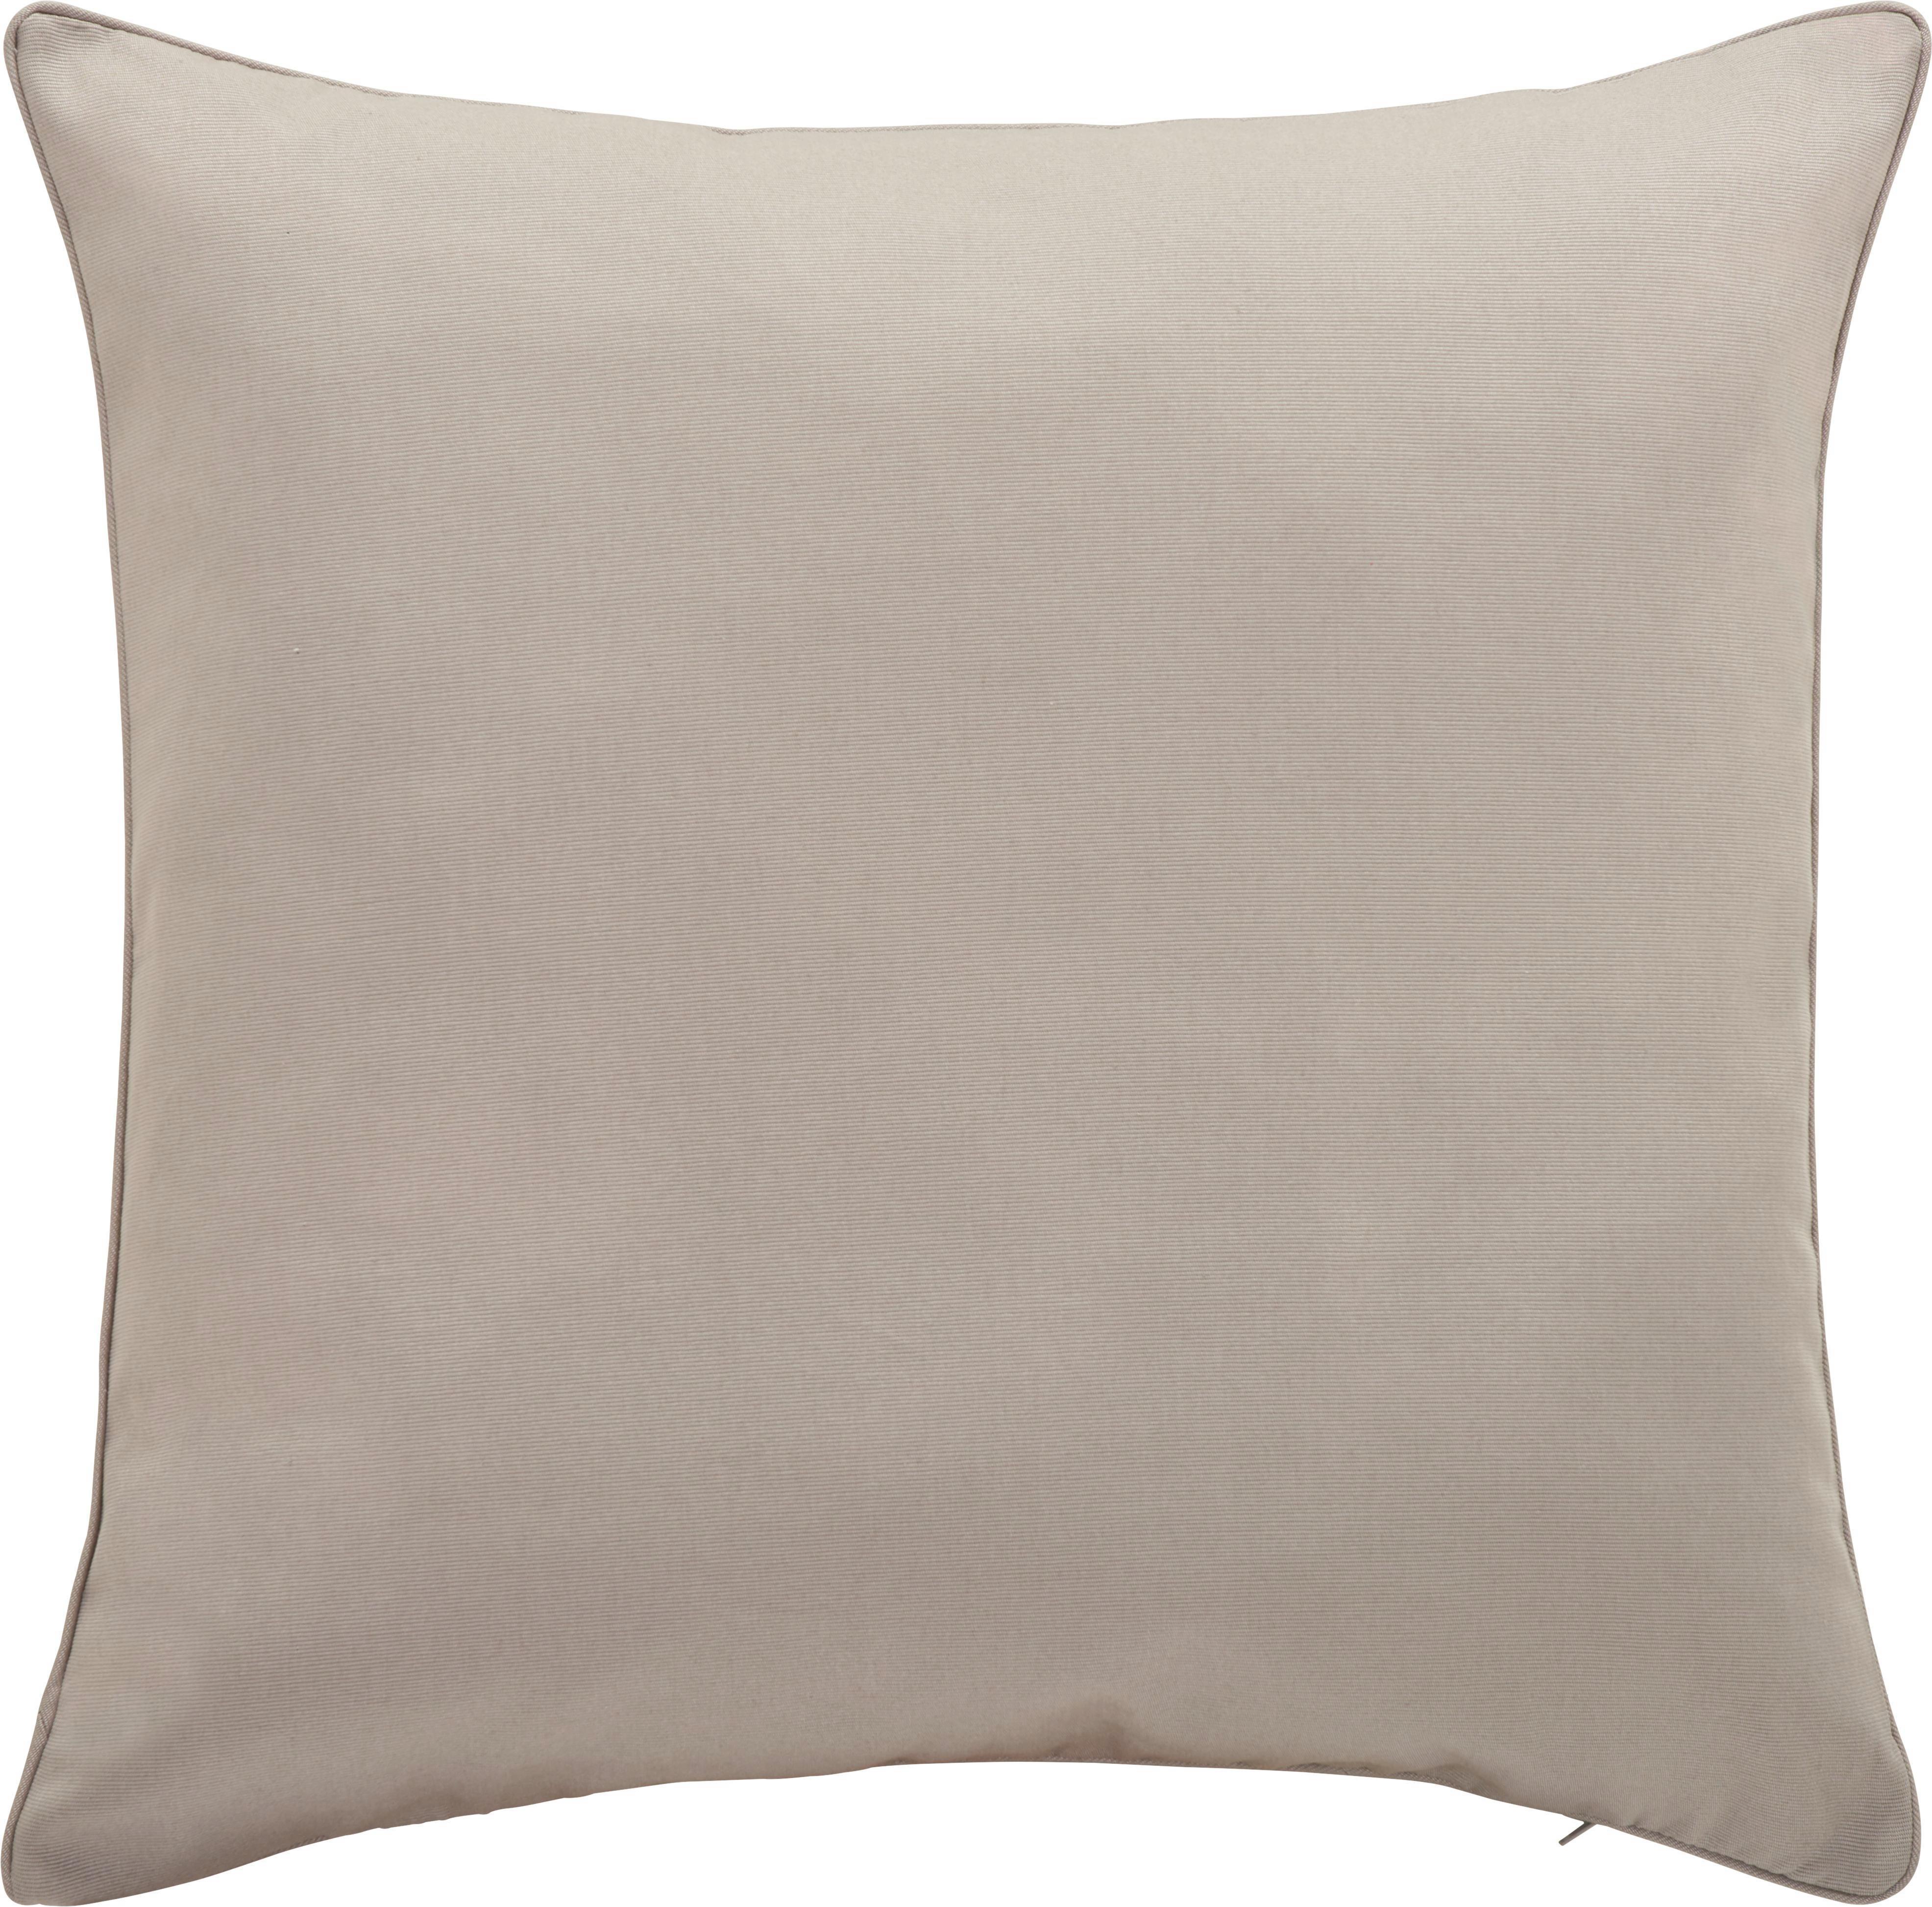 Povlak Na Polštář Steffi Paspel - světle šedá, textil (50/50cm) - MÖMAX modern living